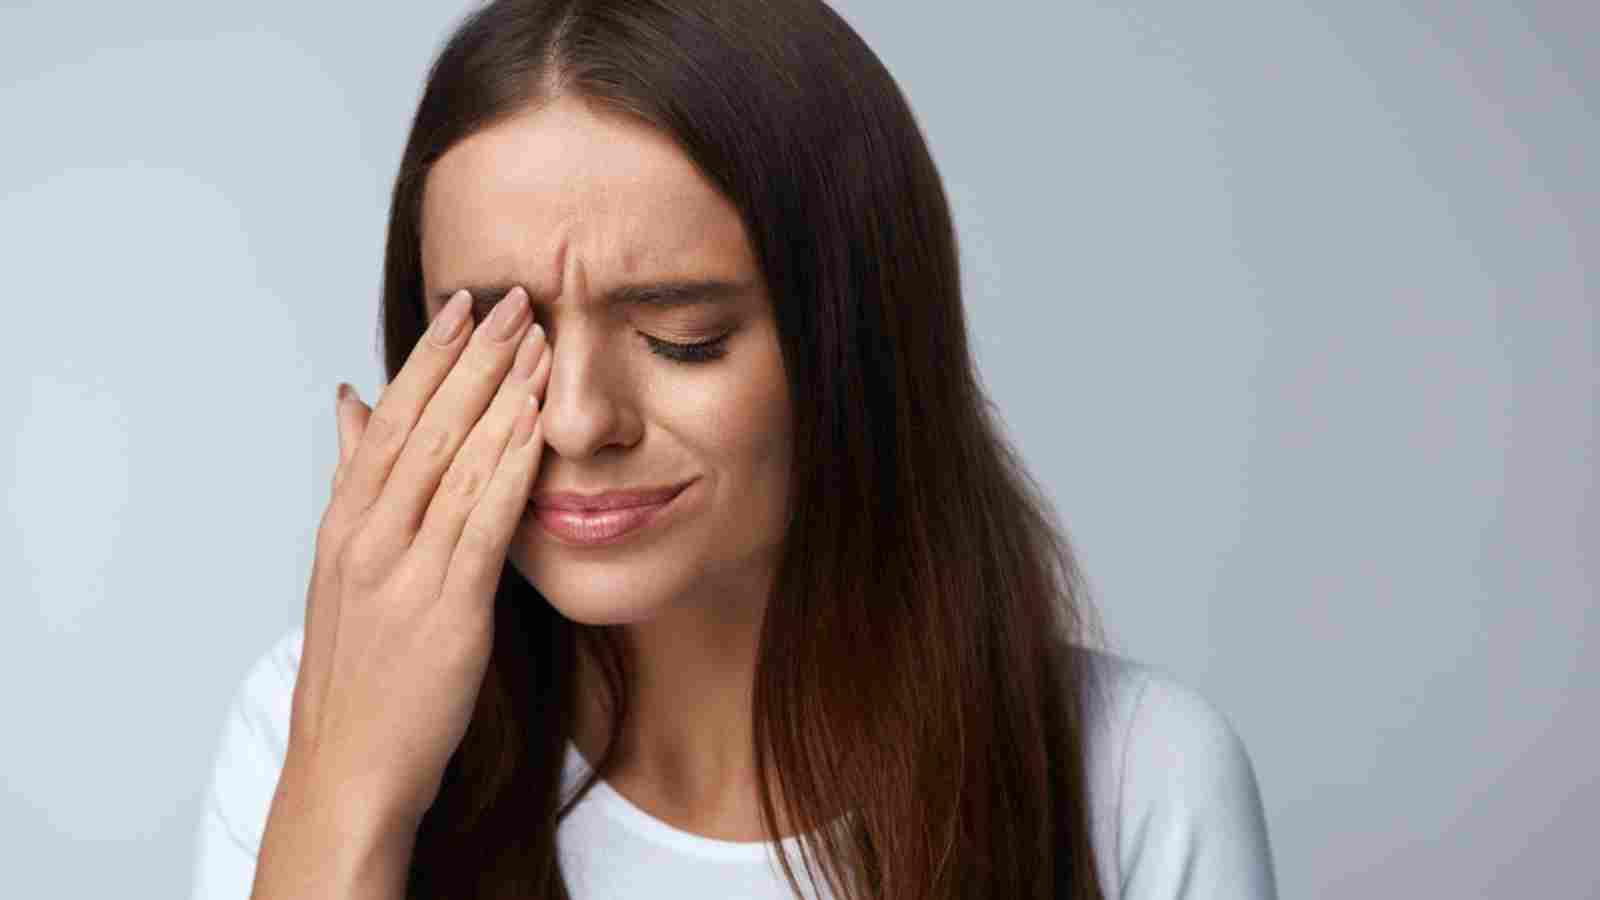 ตาซ้าย ตาขวากระตุกทั้งวันเป็นเพราะอะไร?